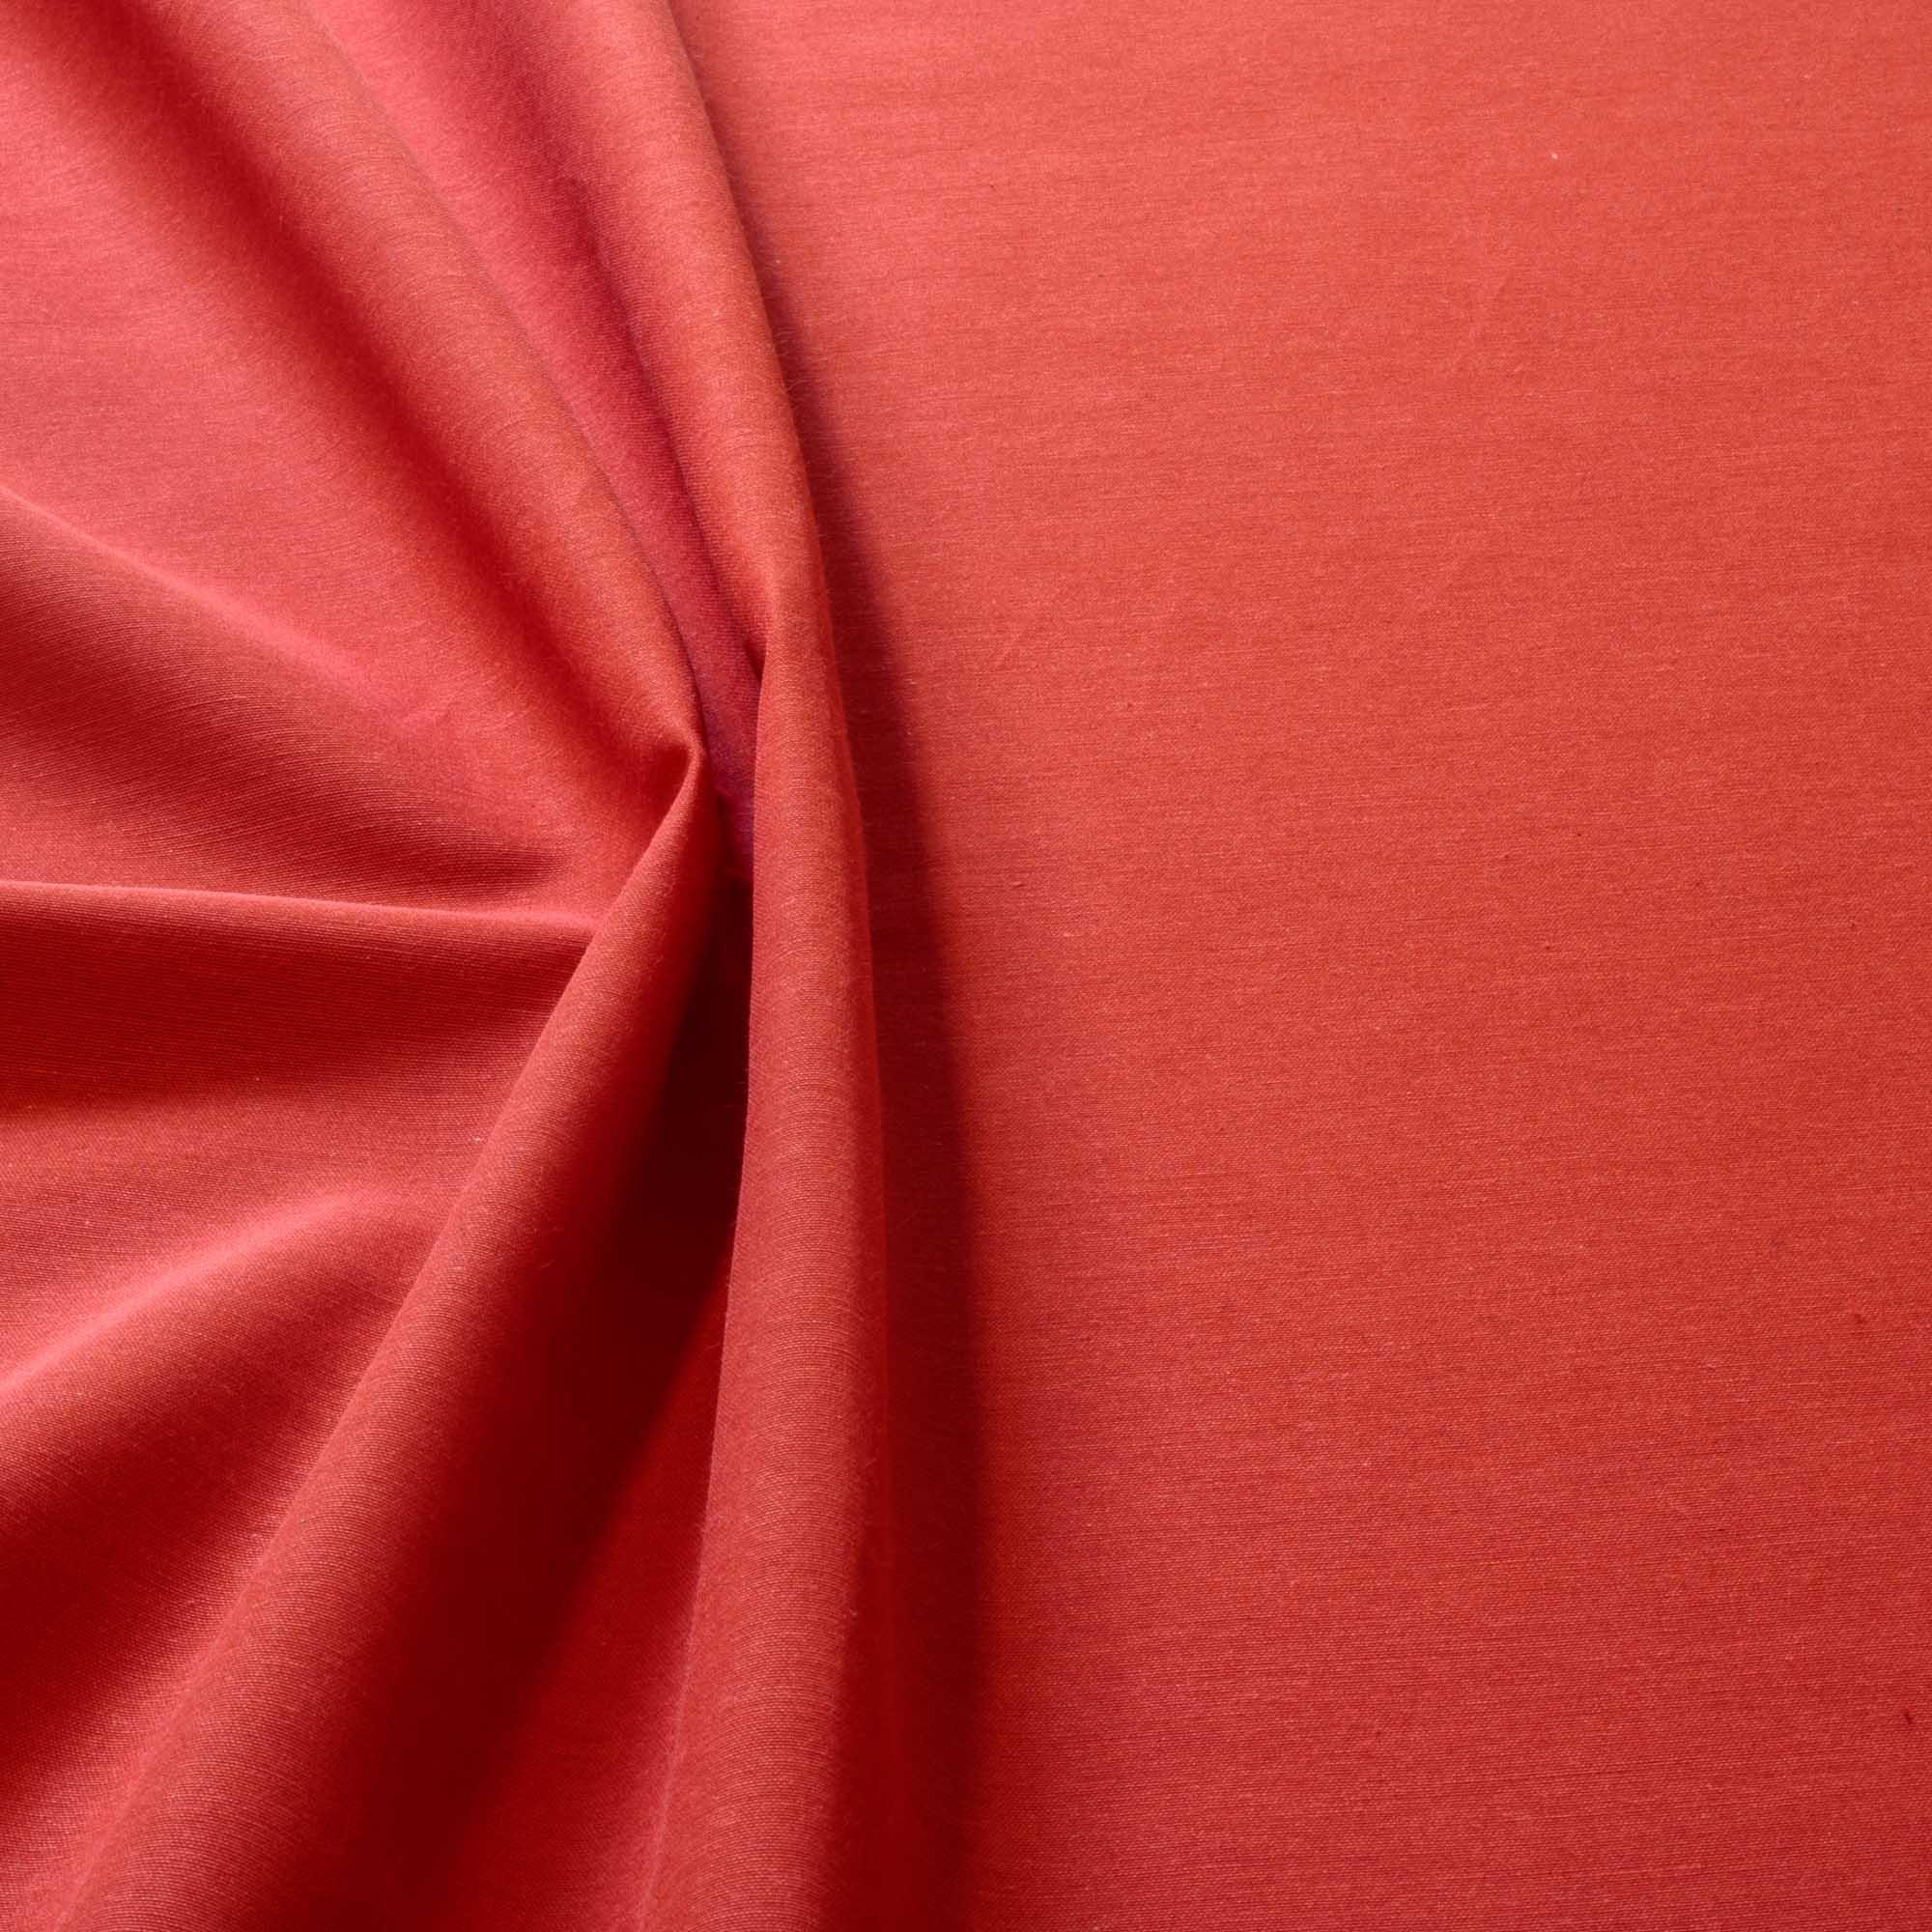 Tecido Alpaca Vermelha 65% Algodão 35% Poliester 1,40 m Largura